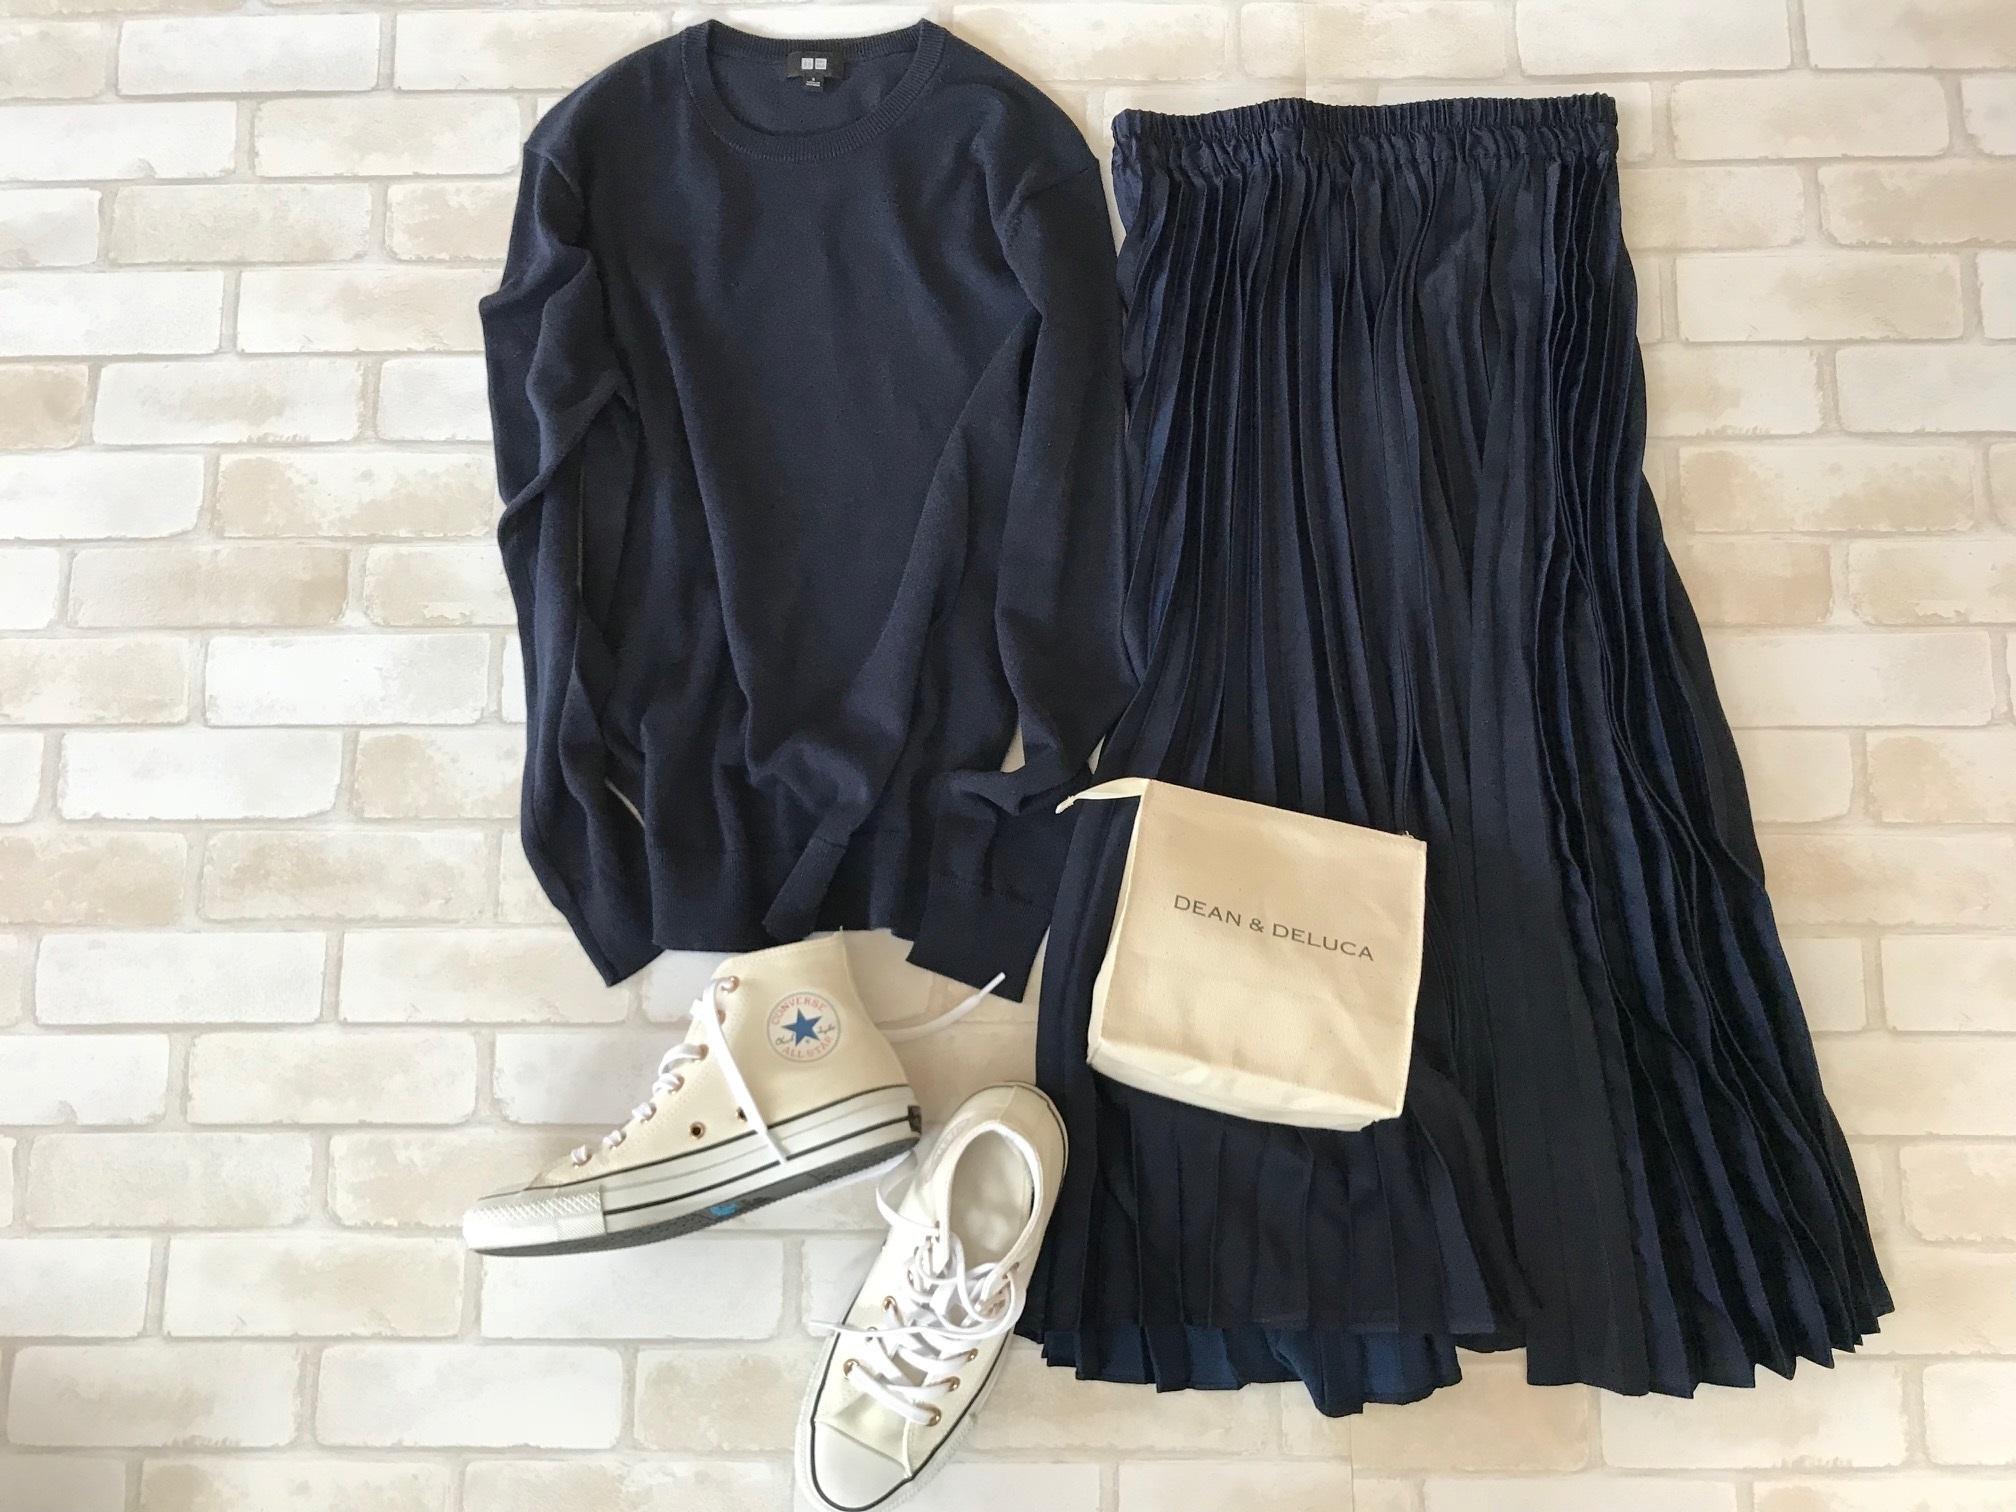 白コンバースのハイカットスニーカー×ネイビーのワントーンファッションコーデ